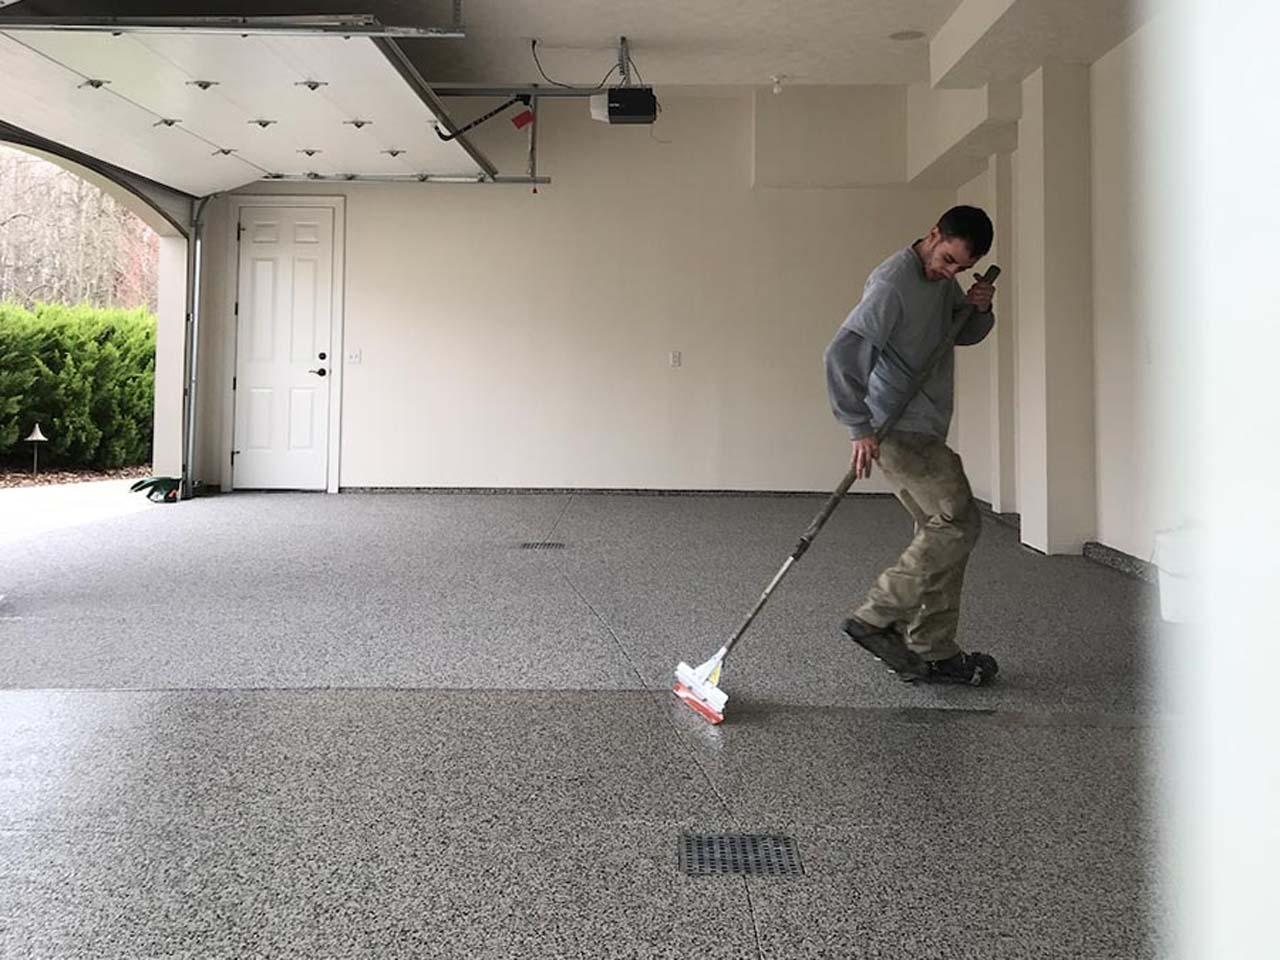 Guy wiping floor